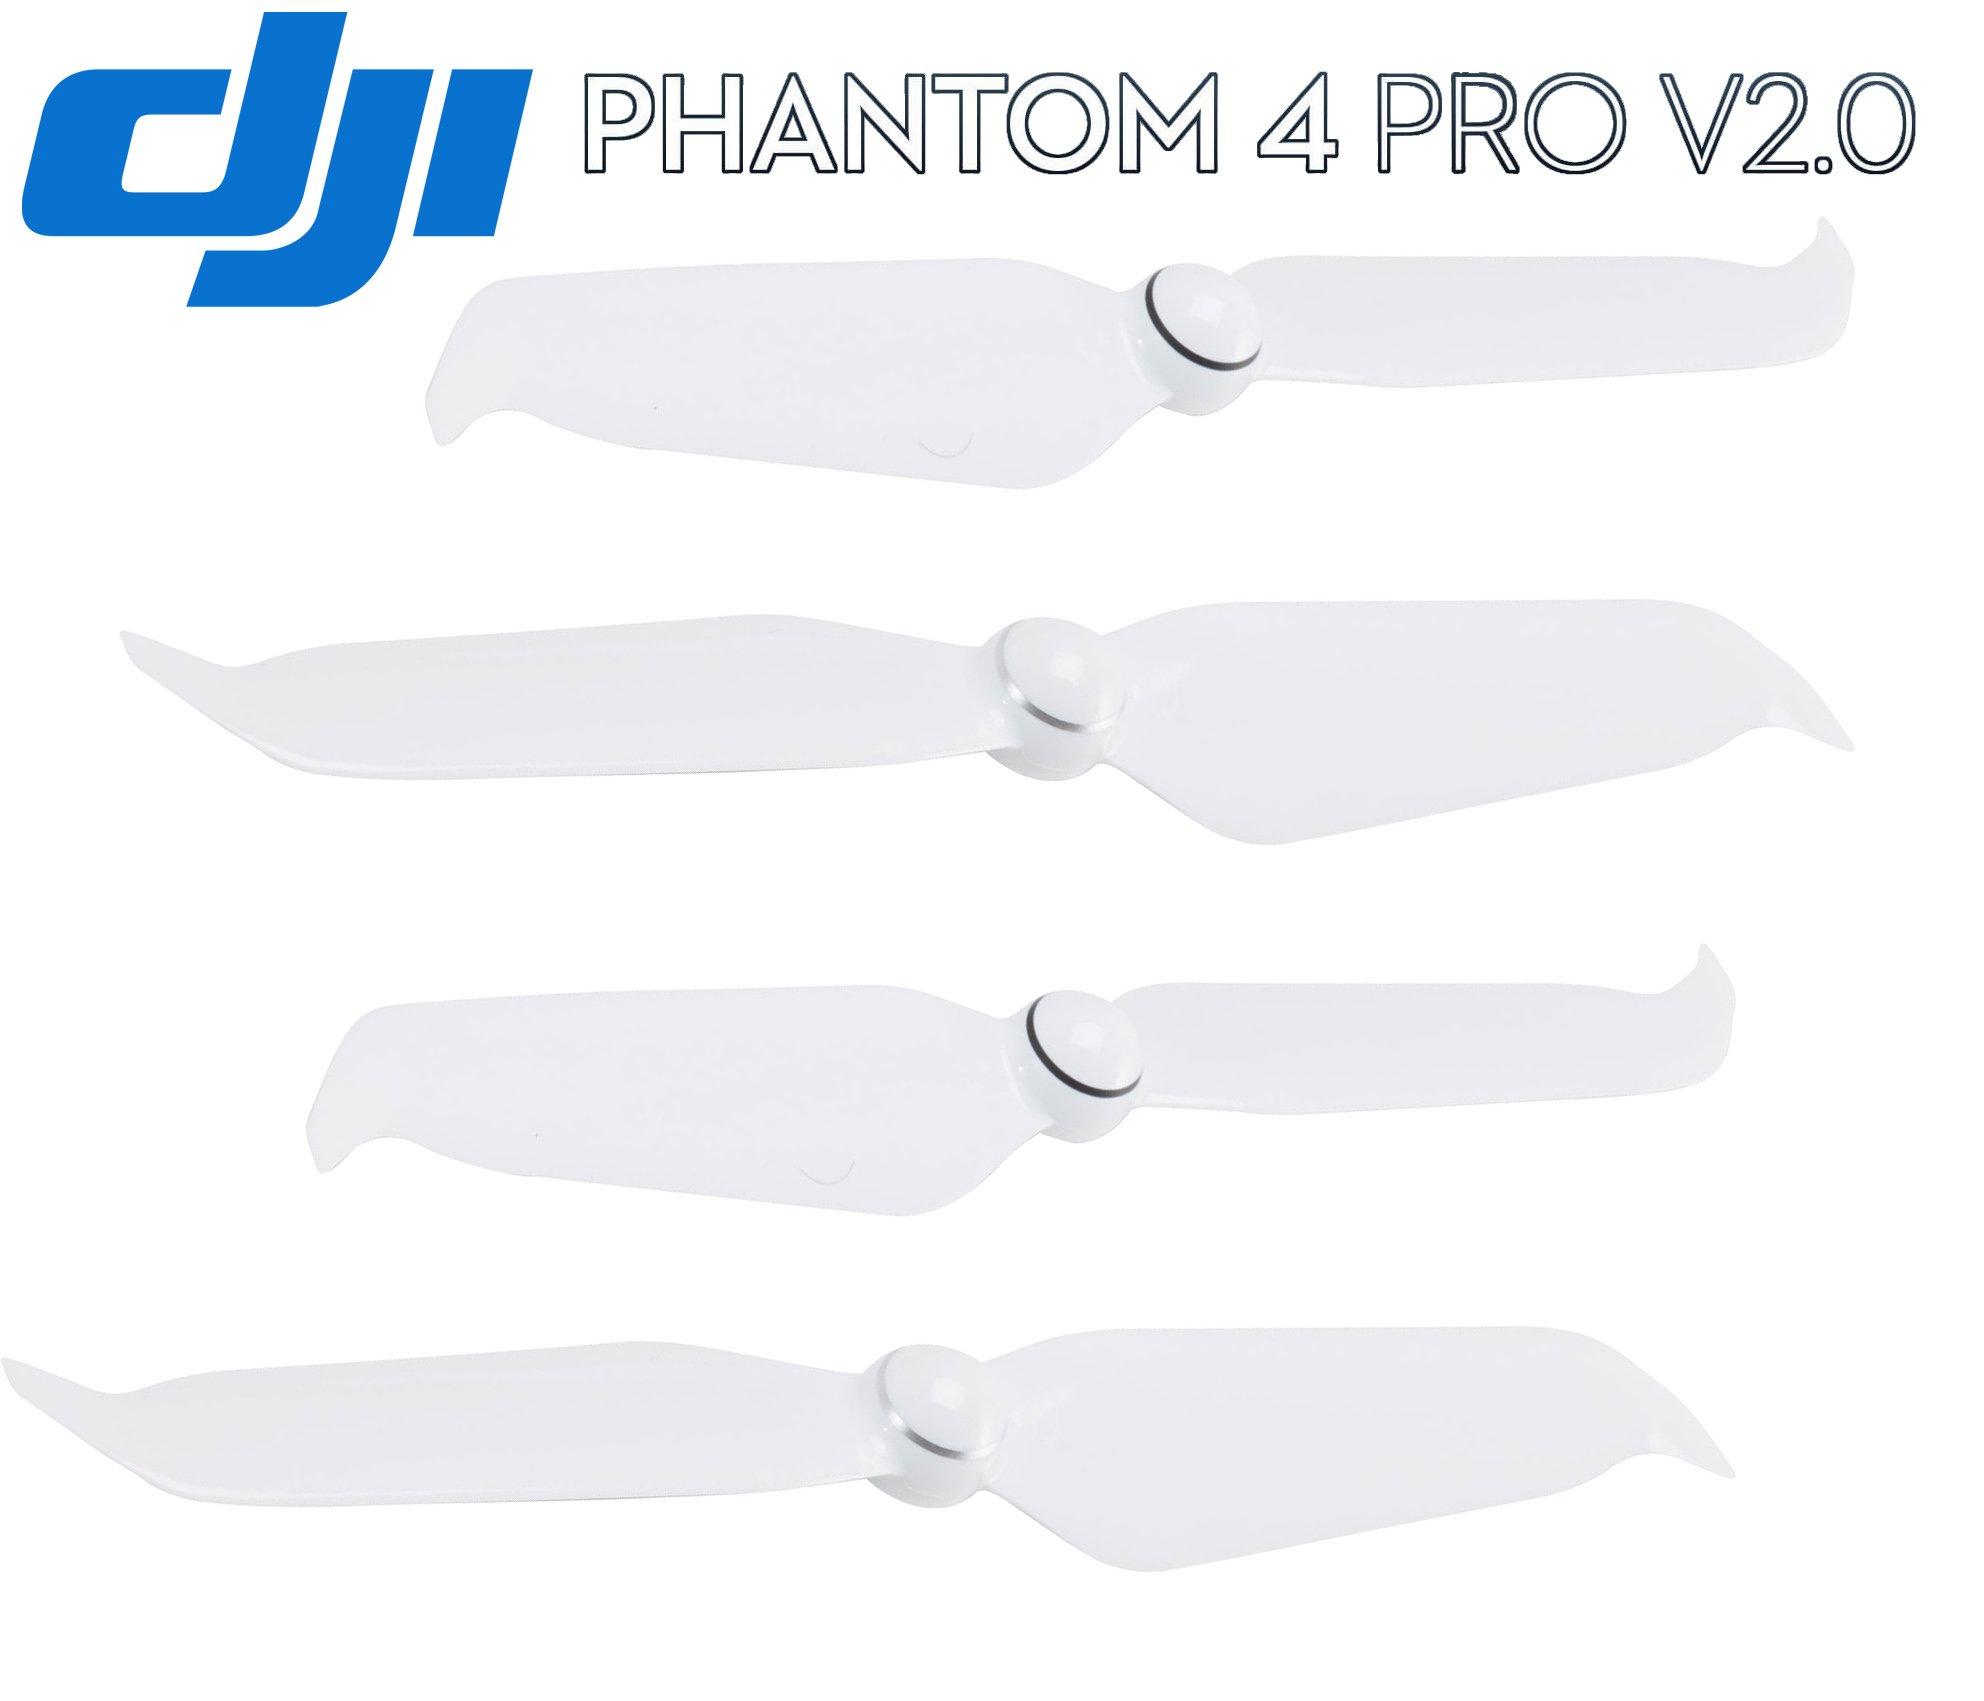 DJI Genuine Phantom 4 Series Low-Noise 9455S Propellers for Phantom 4 Advanced/Pro/Pro+ V2.0 Drone Accessories Part#137 (White, 2 Pairs Phantom 4 Series Low-Noise Propellers)